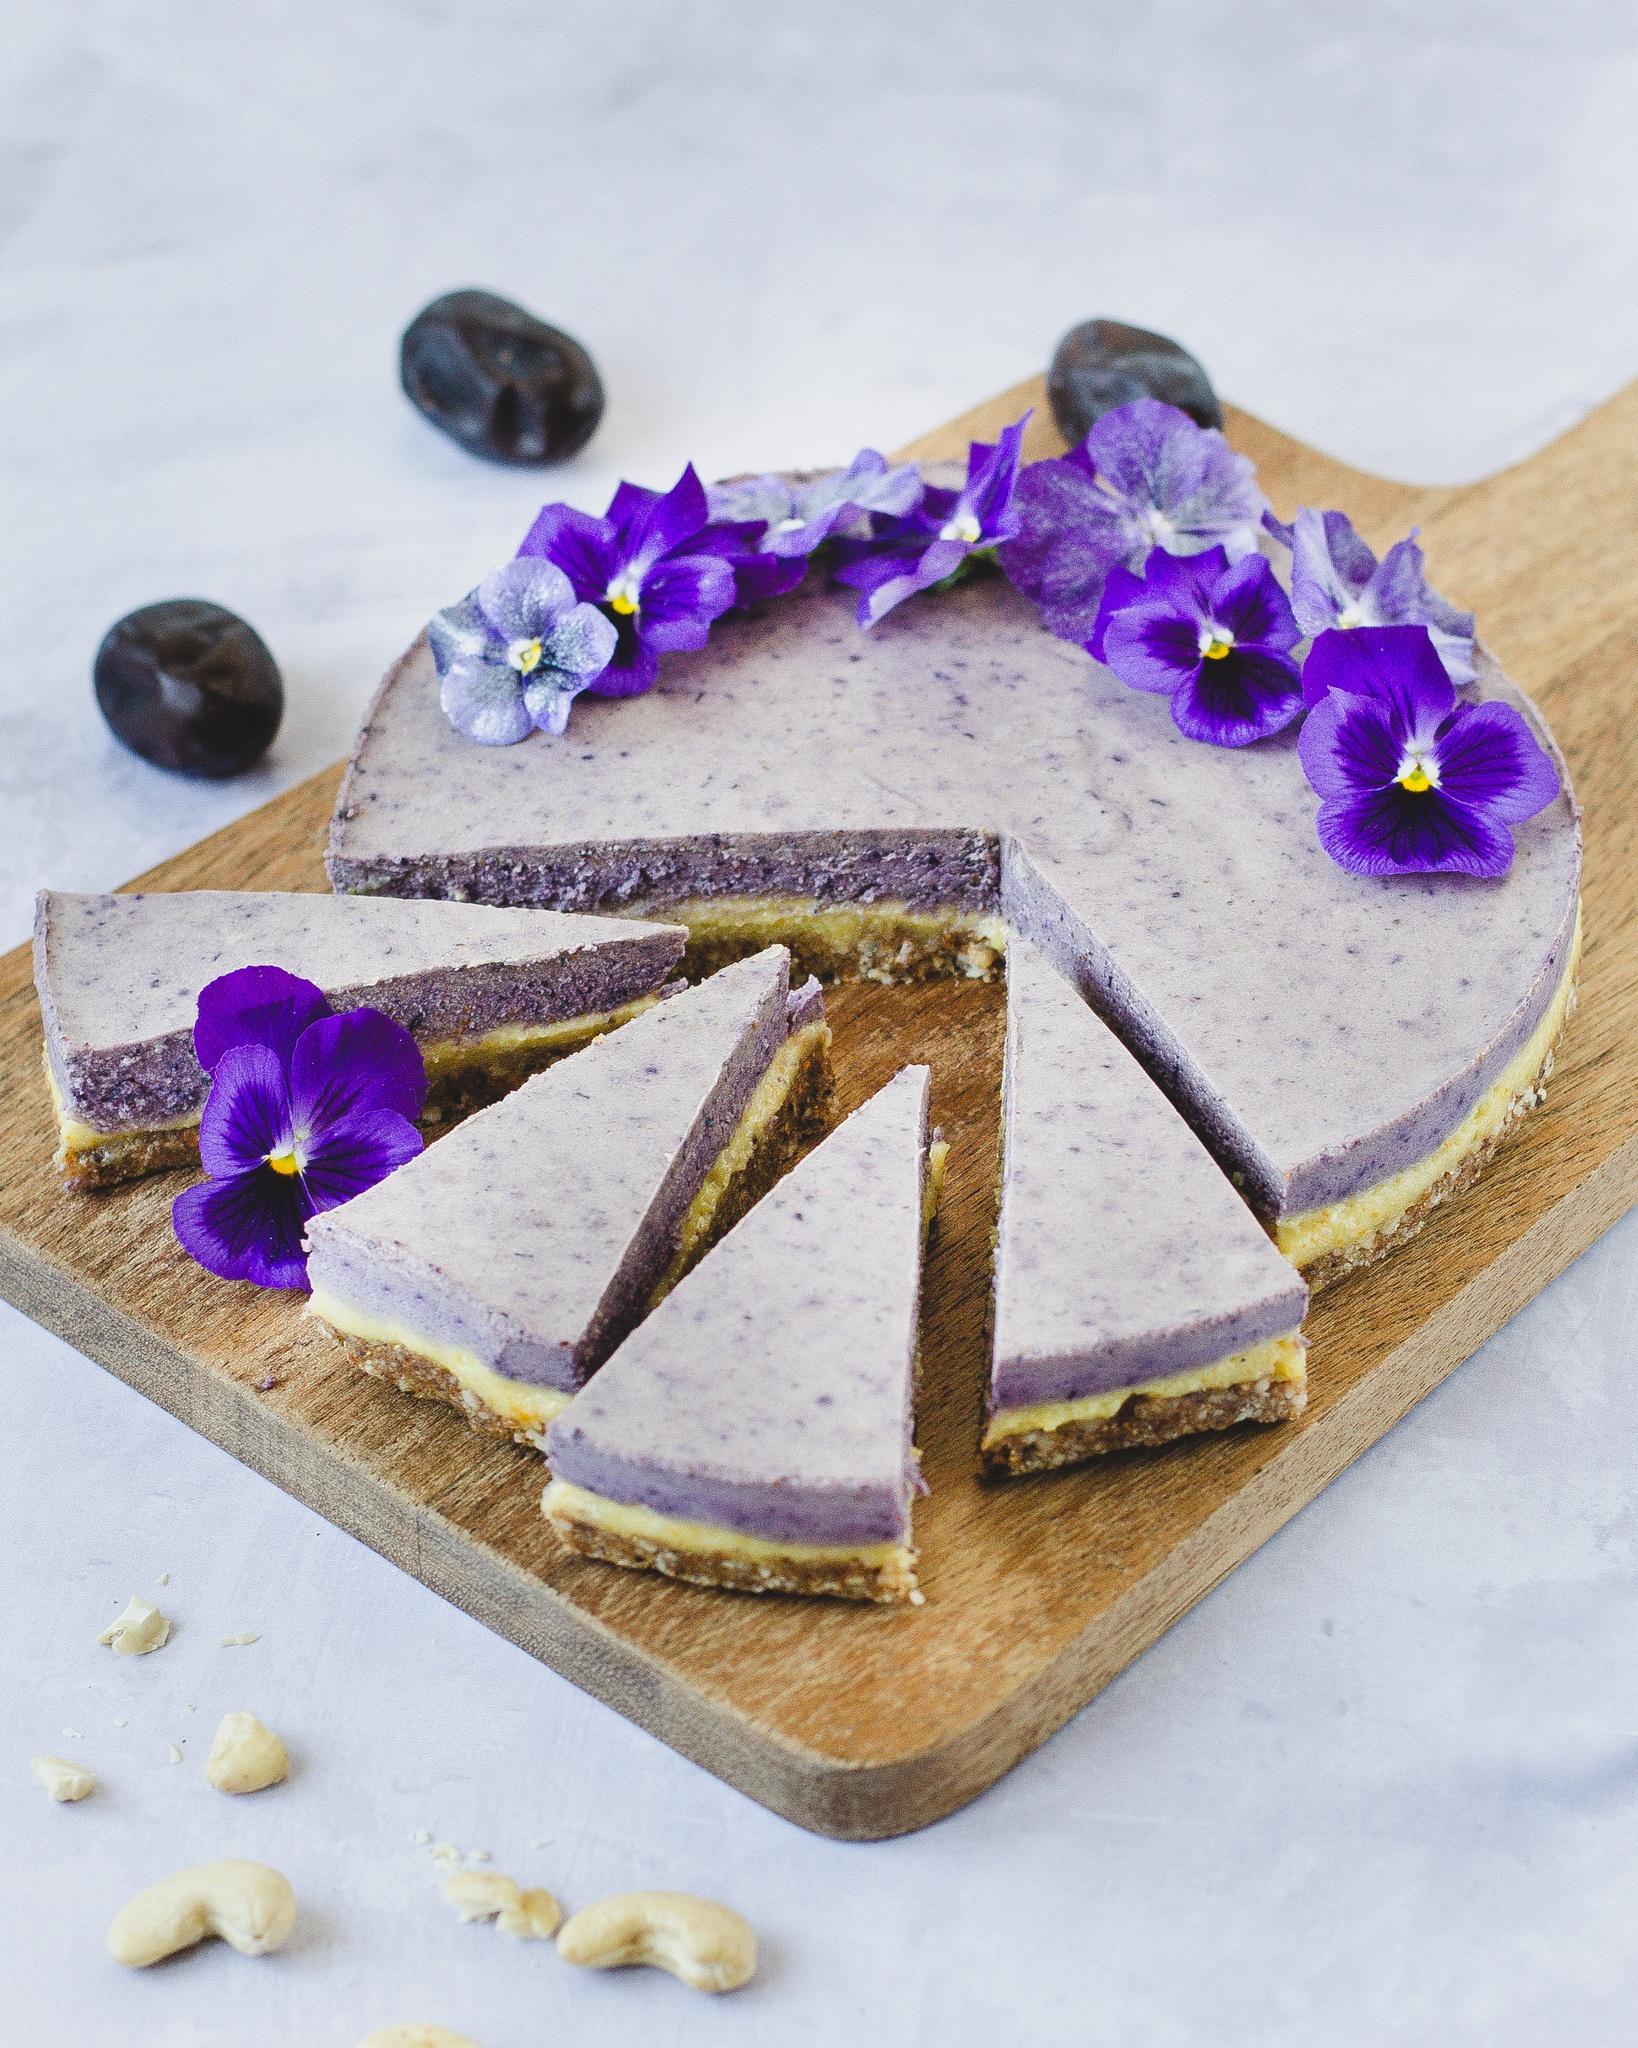 Vegansk cheesecake med blåbær og appelsin